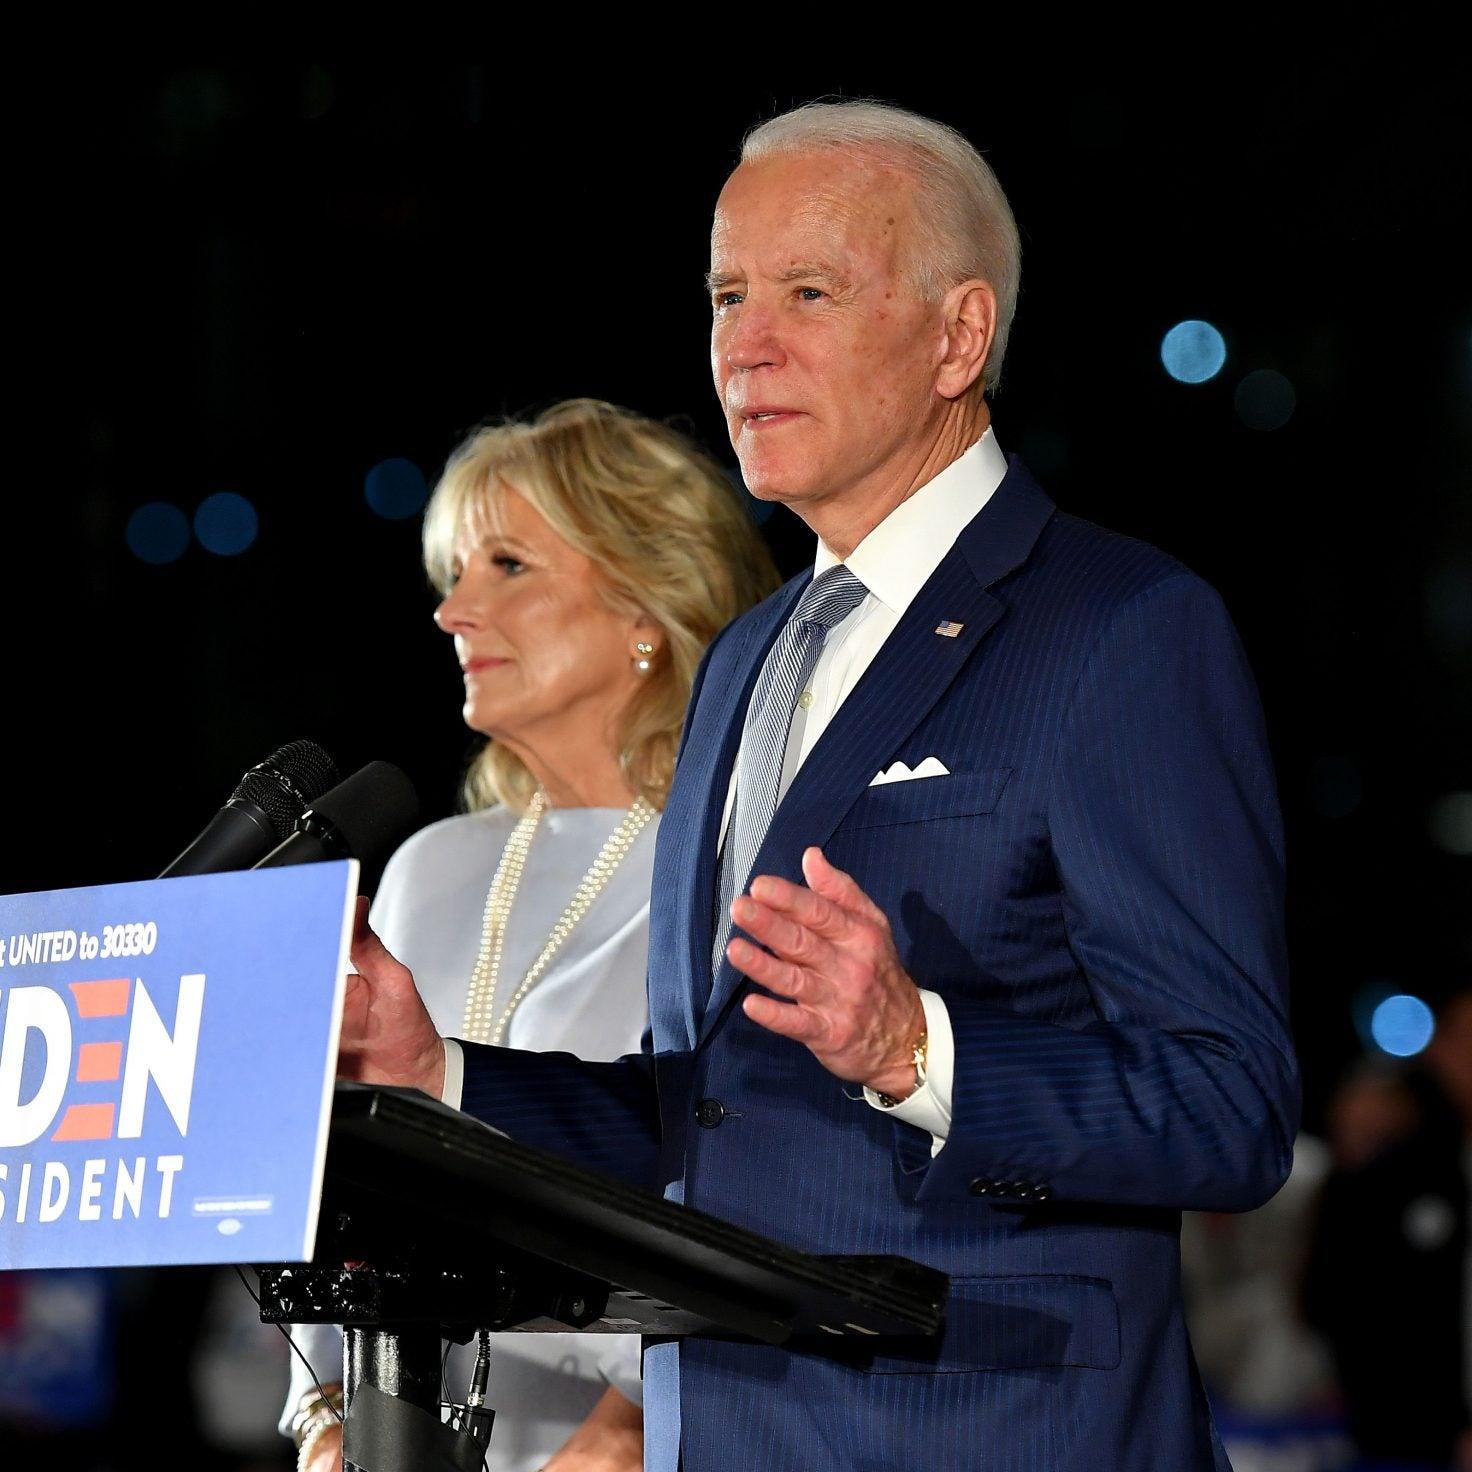 Biden Secures Big Wins In March 10 Primaries